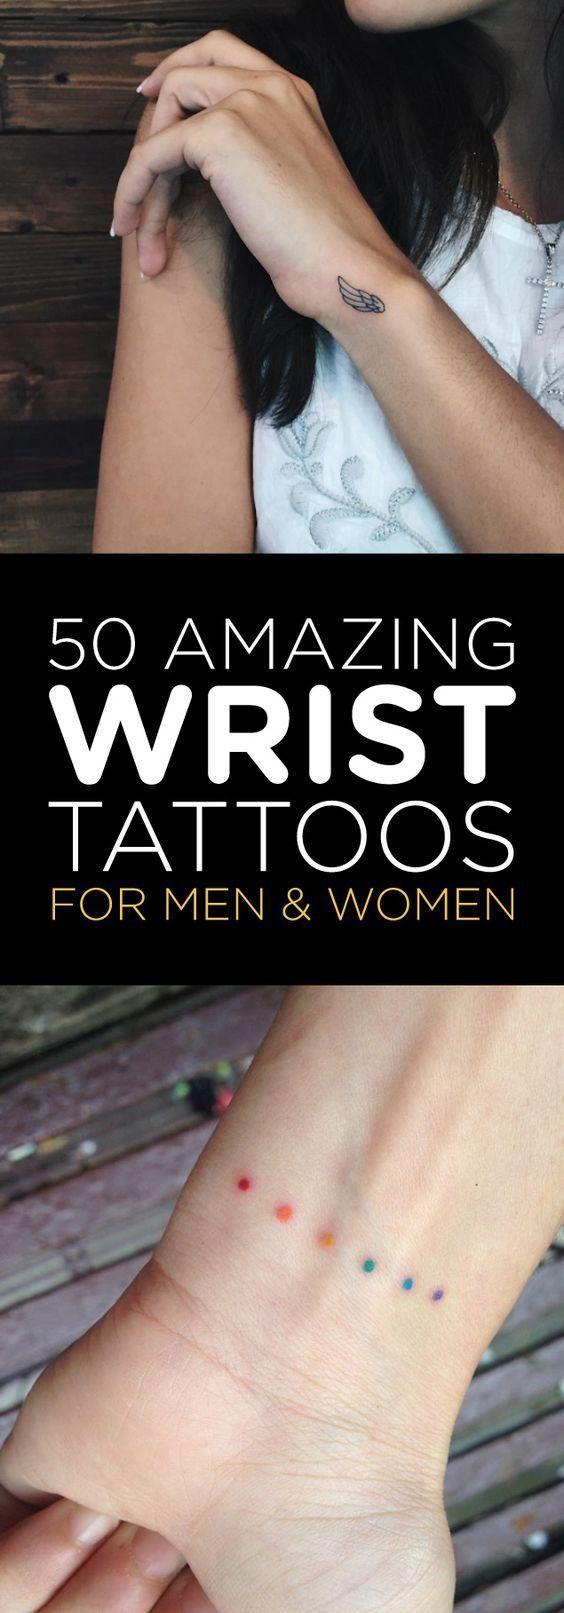 50 Amazing Wrist Tattoo Designs TattooBlend Küçük